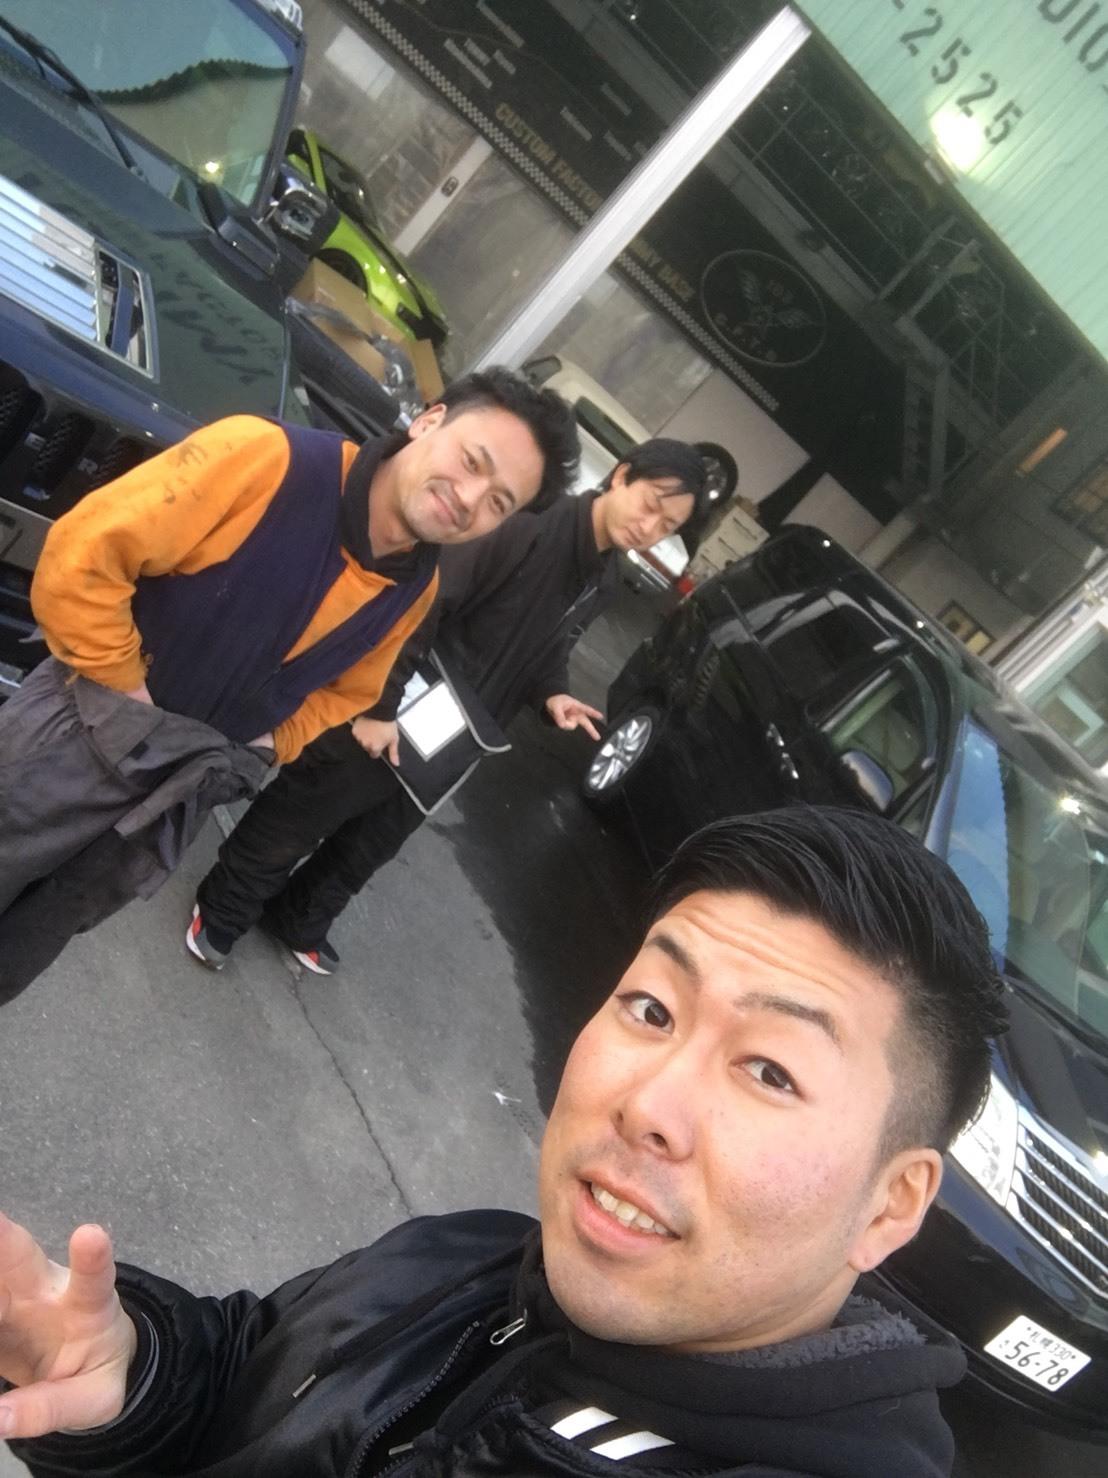 4月6日(金)トミーベース カスタムブログ☆インパラカスタム中☆LX570 ヴェルファイアなどの作業風景もお伝えします☆_b0127002_11015241.jpg